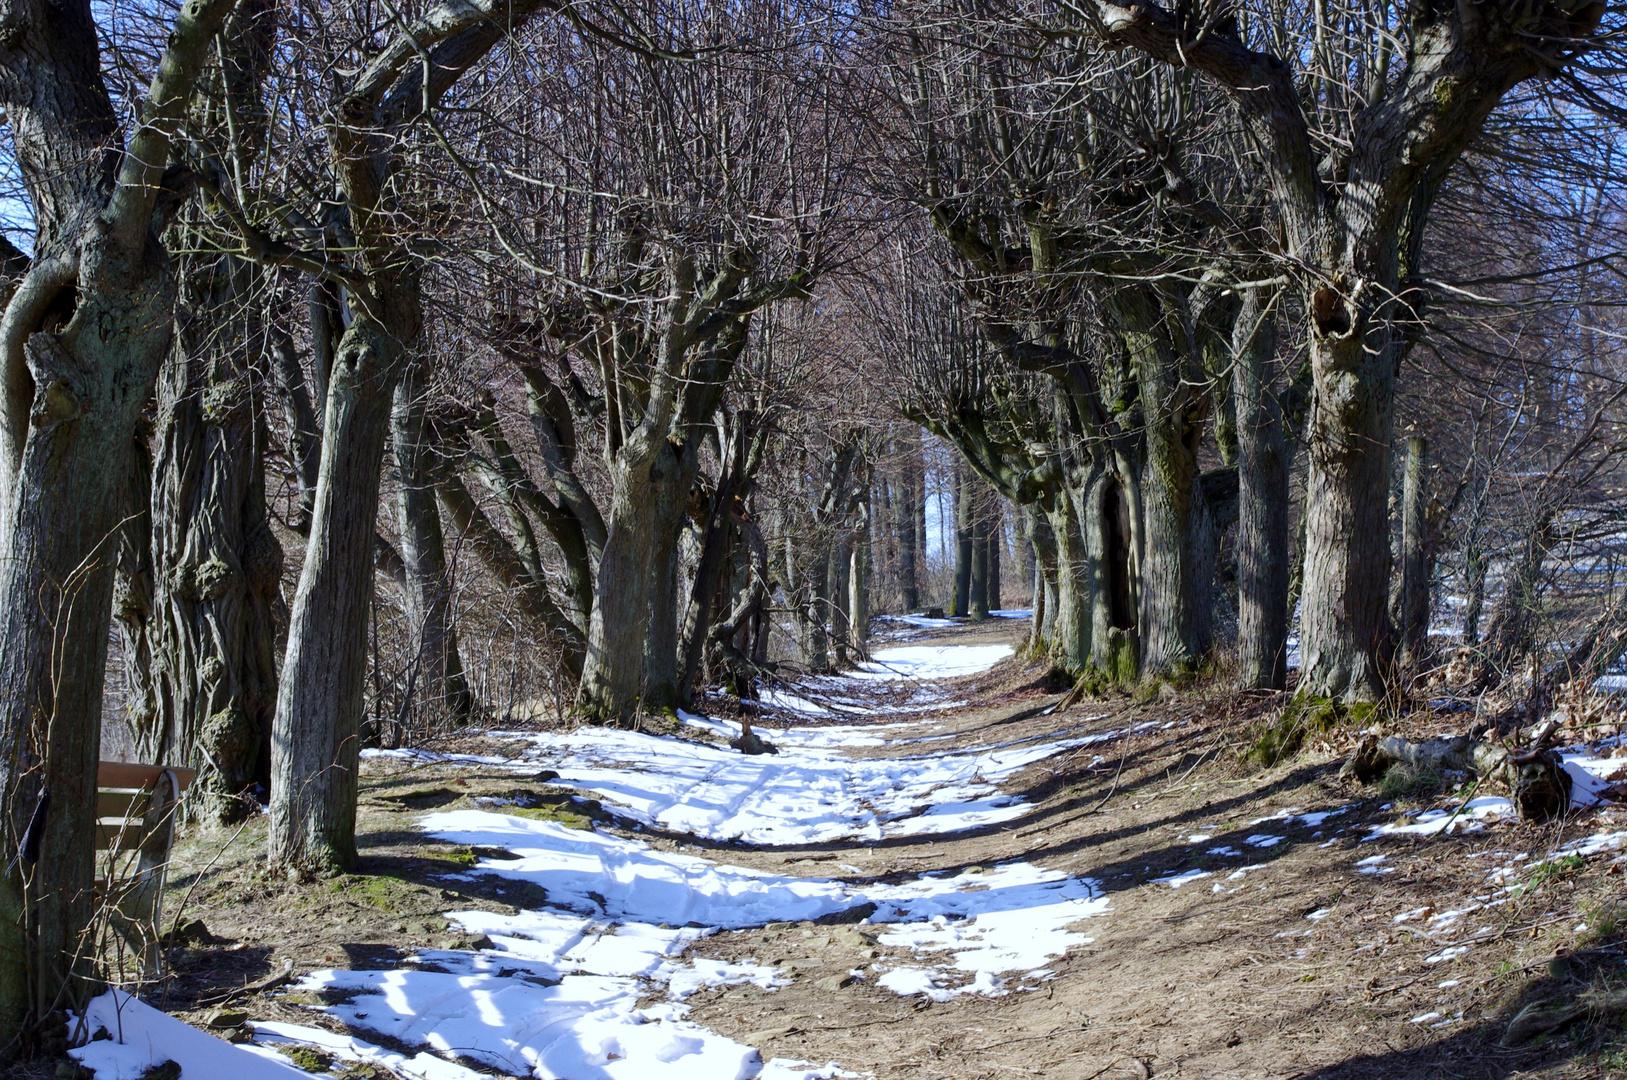 Winterliche allee auf kloster banz foto bild landschaft natur schnee bilder auf fotocommunity - Winterliche bilder kostenlos ...